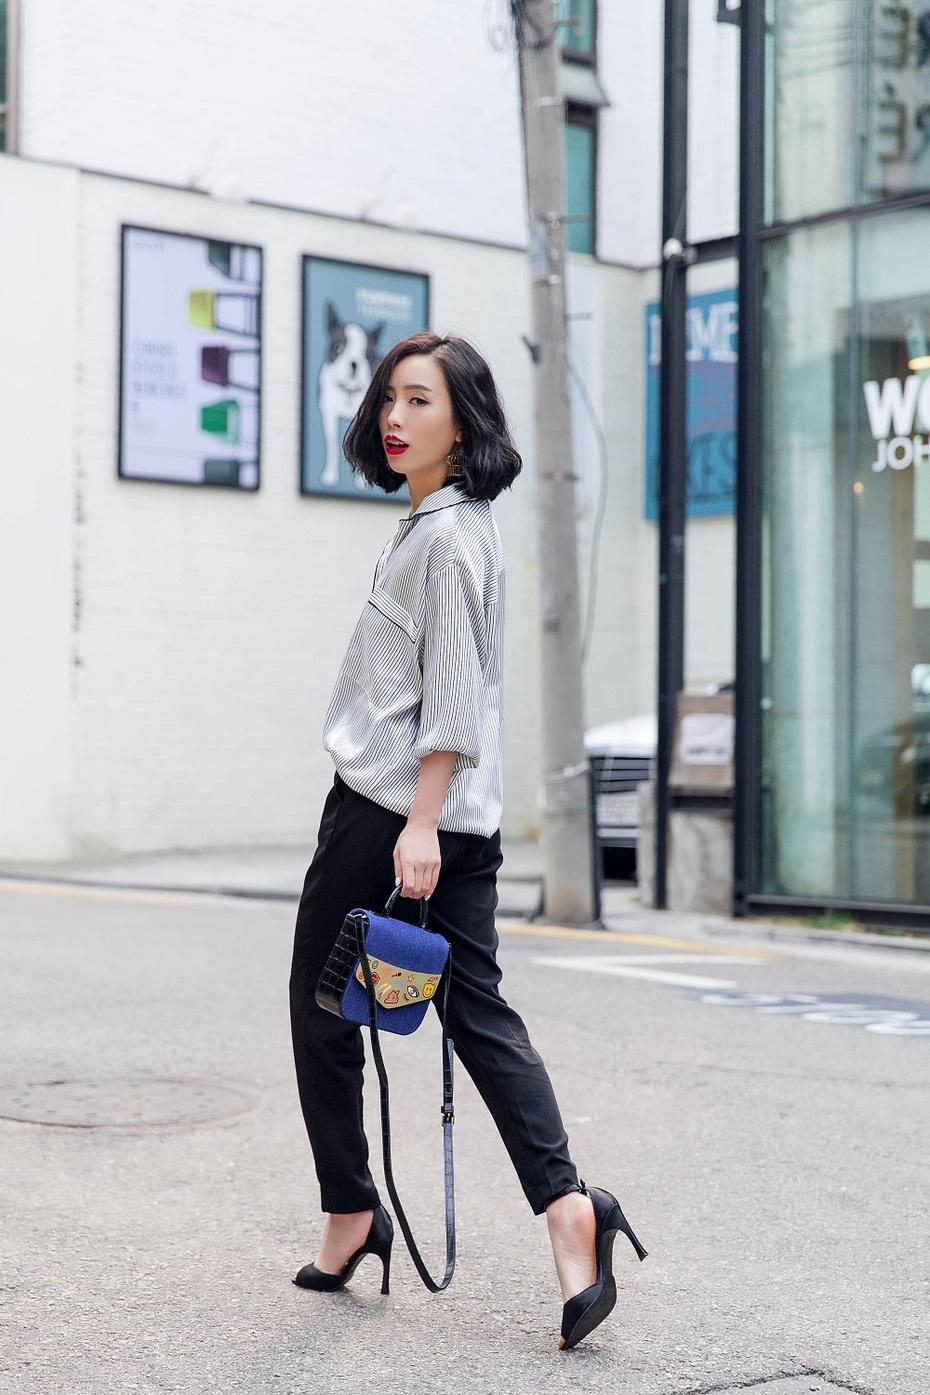 【妮儿の私服日记】如何将睡衣风穿出实用感 - Nikki妮儿 - Nikkis Fashion Blog